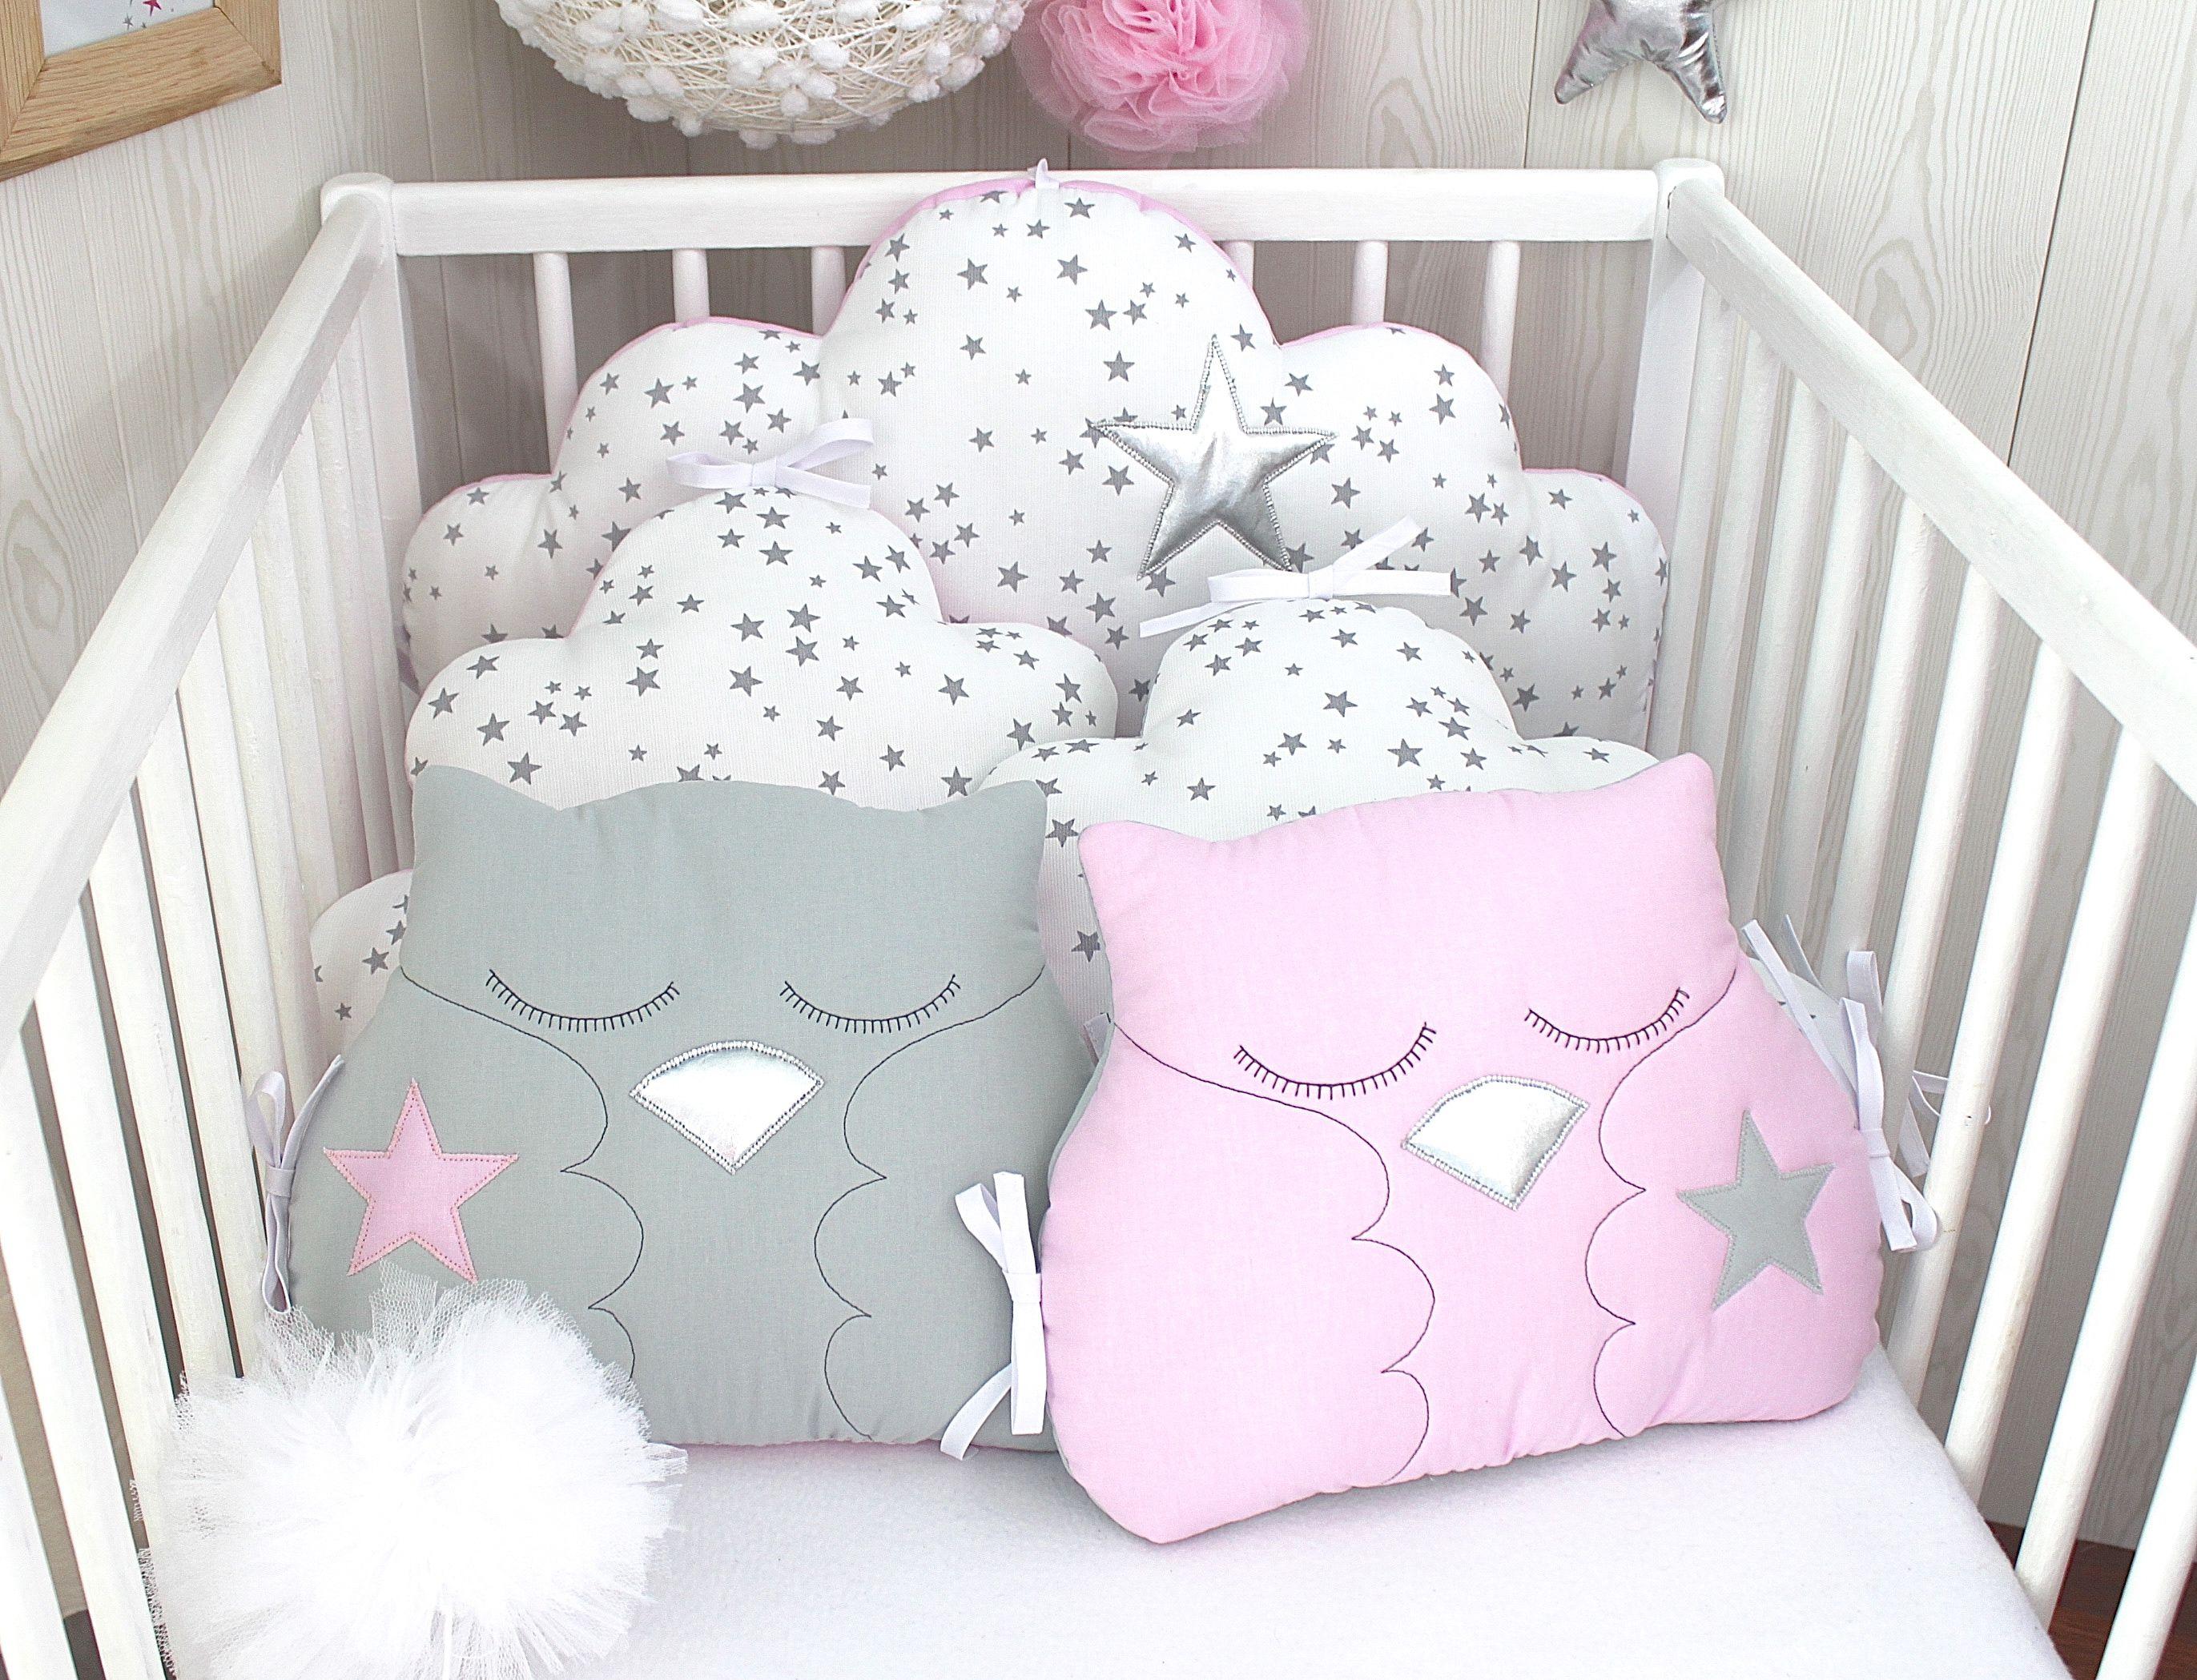 Tour de lit bébé, 60cm large, nuages, étoiles et hiboux ...